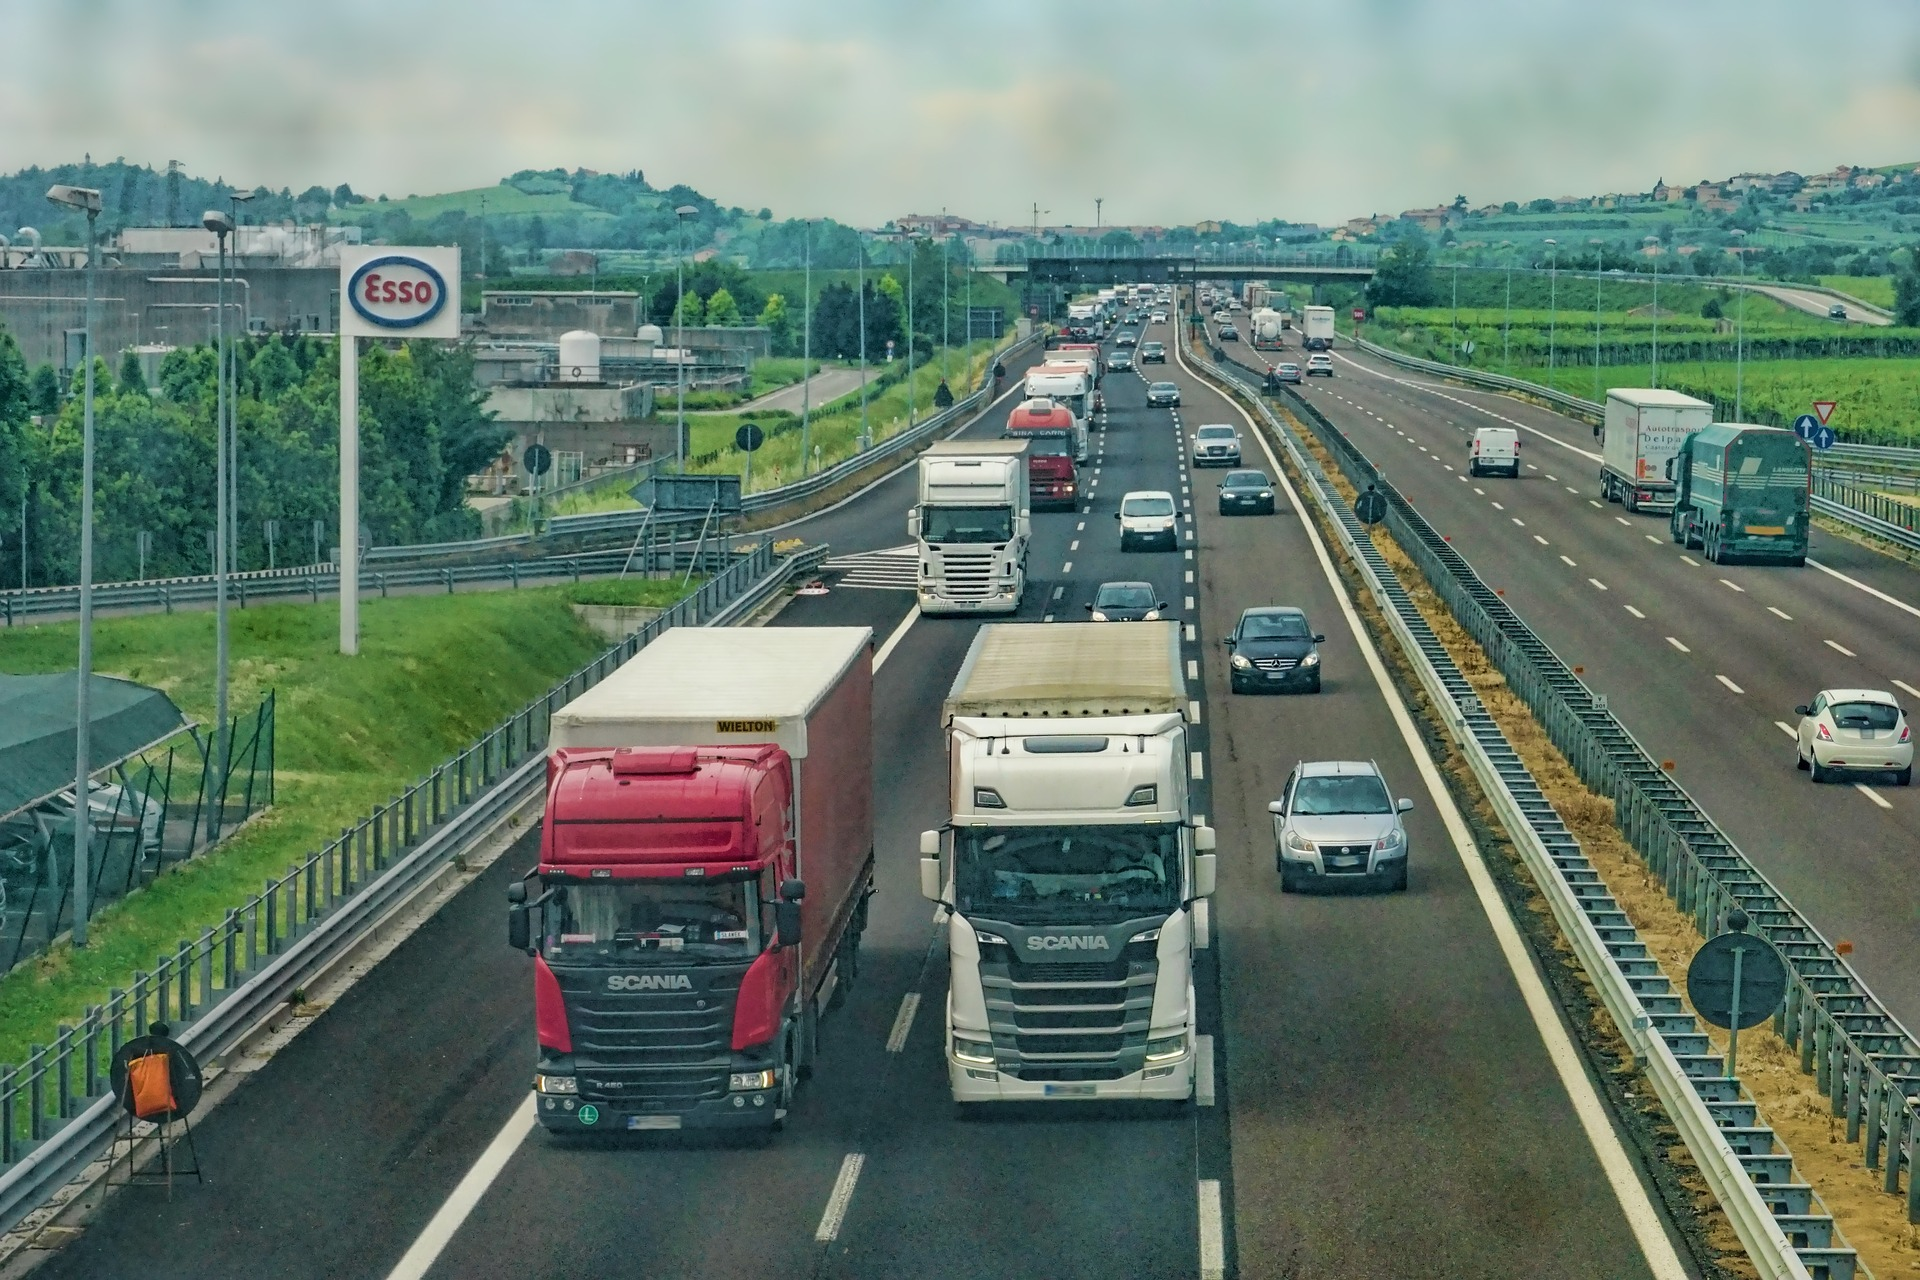 trasporto,camion,mezzi,pesanti,ricerca,poltecnico,bari,optitruck,progetto,europeo,piattaforma,cloud,computing,previsioni,percorso,green,emissioni,co2,EnergyCuE